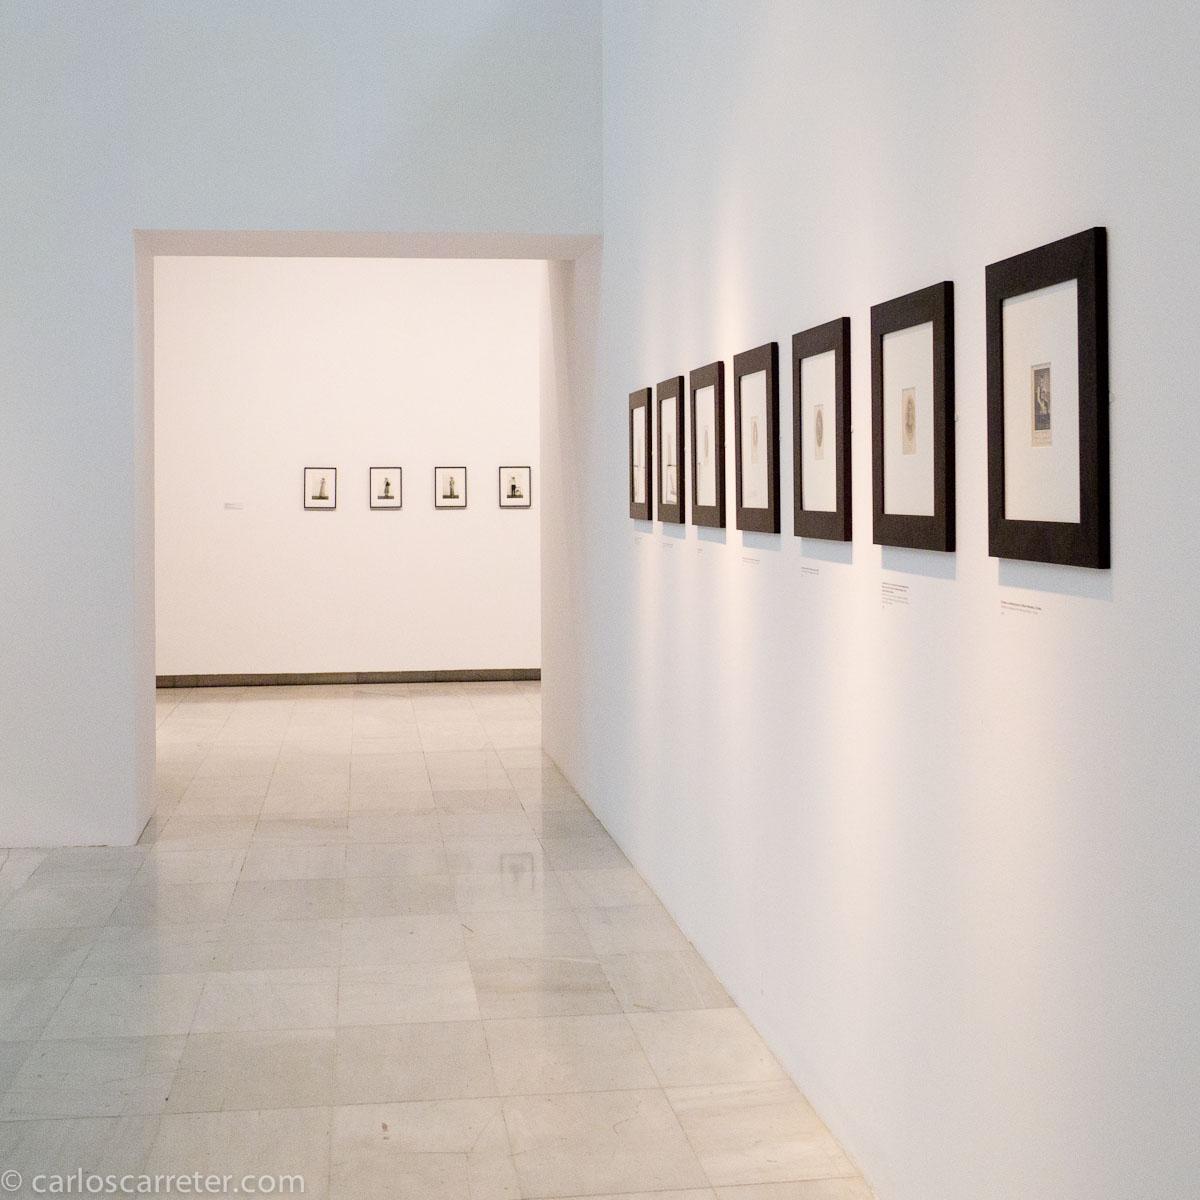 Pequeñas fotos de Cindy Sherman y Frank Montero Collado en Alcalá 31